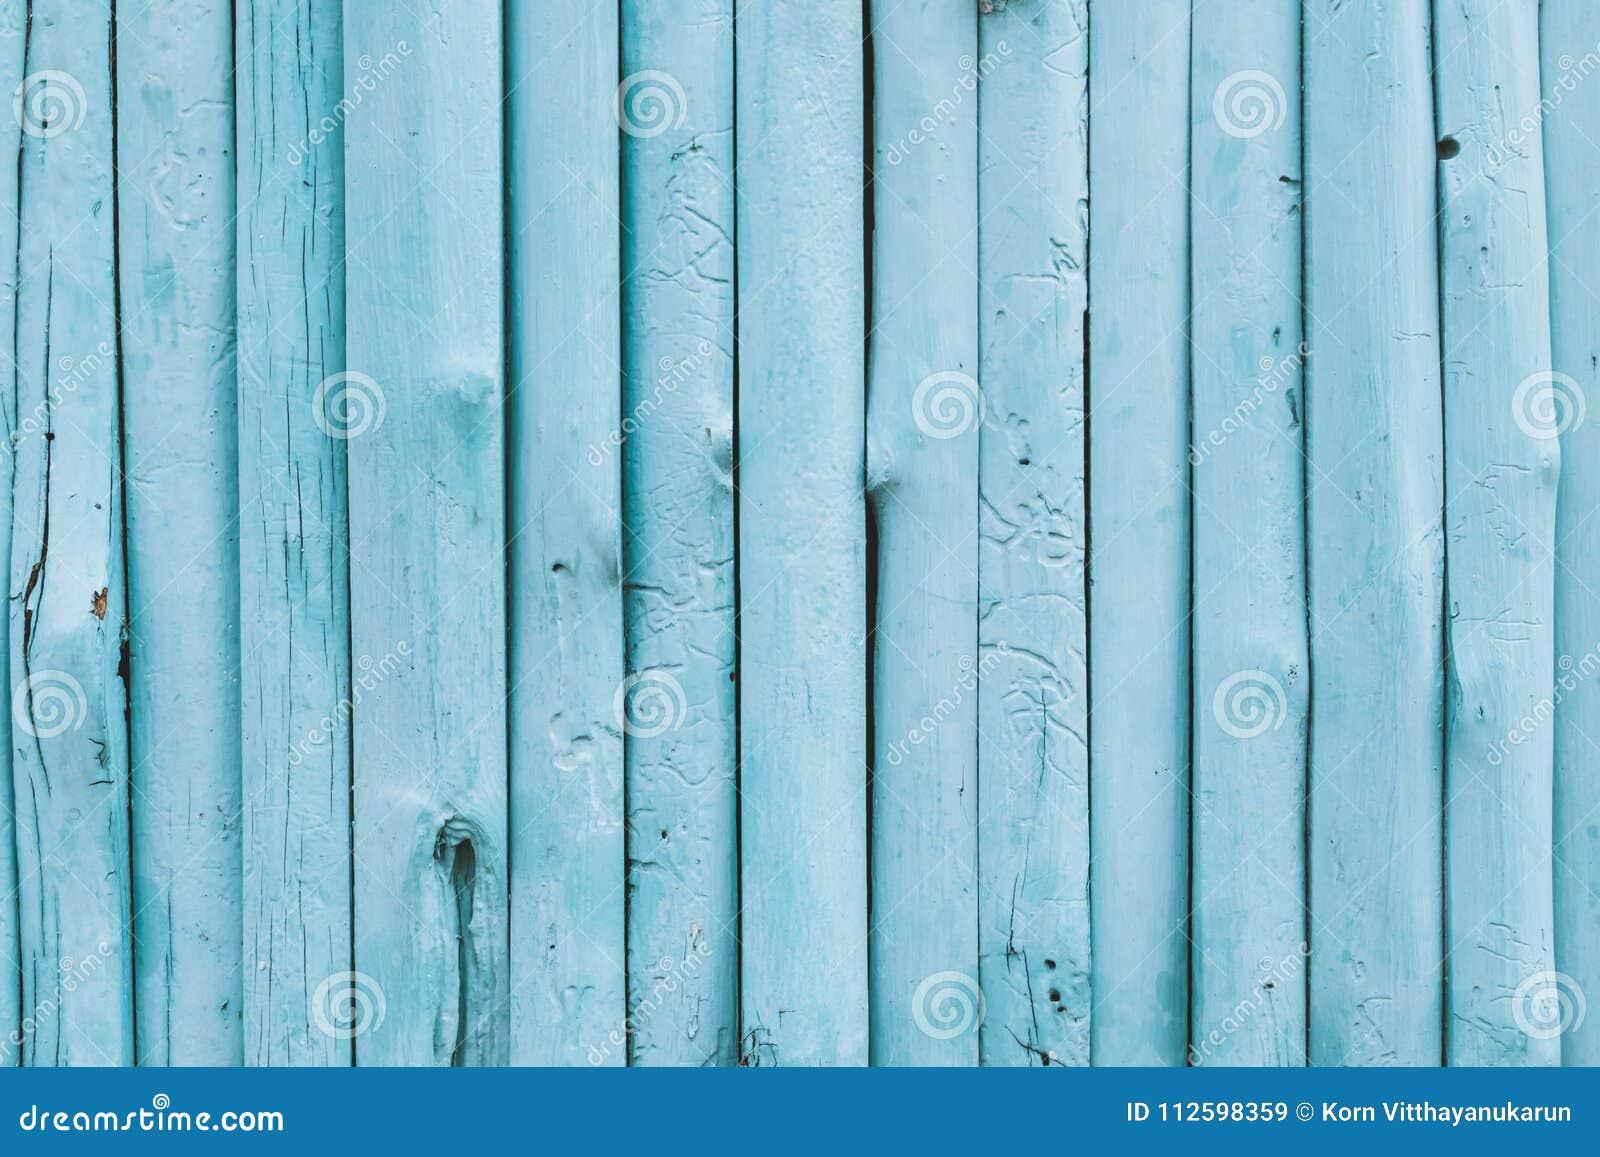 Blauer Ozeanfarbholzhintergrund